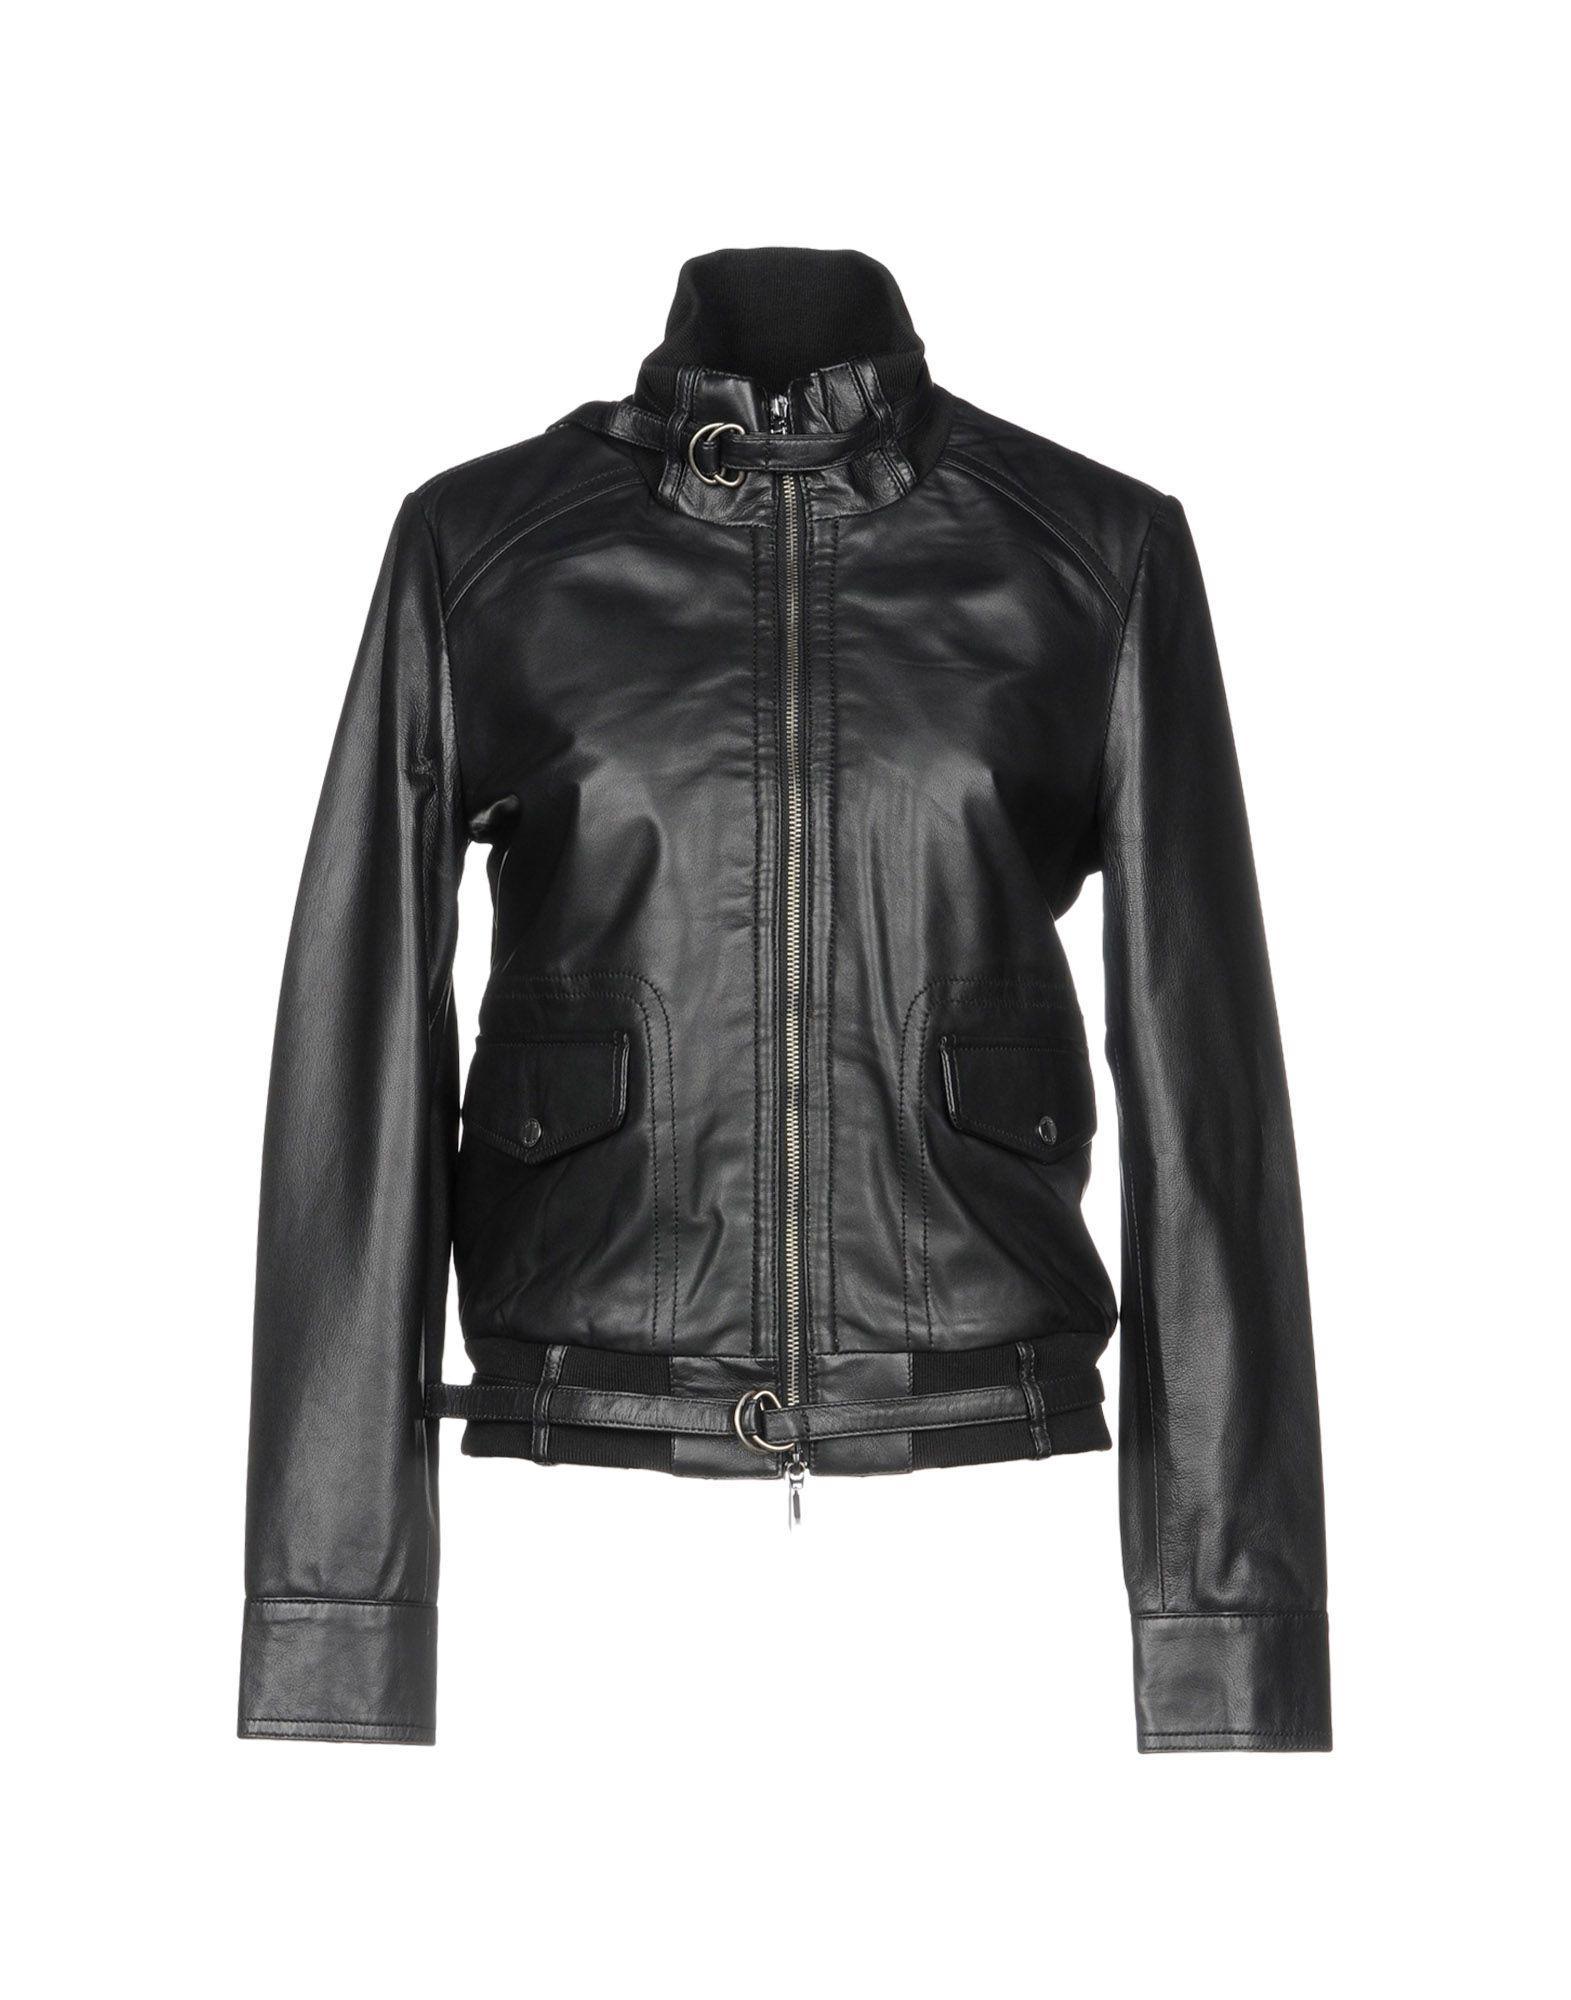 Geox Jackets In Black